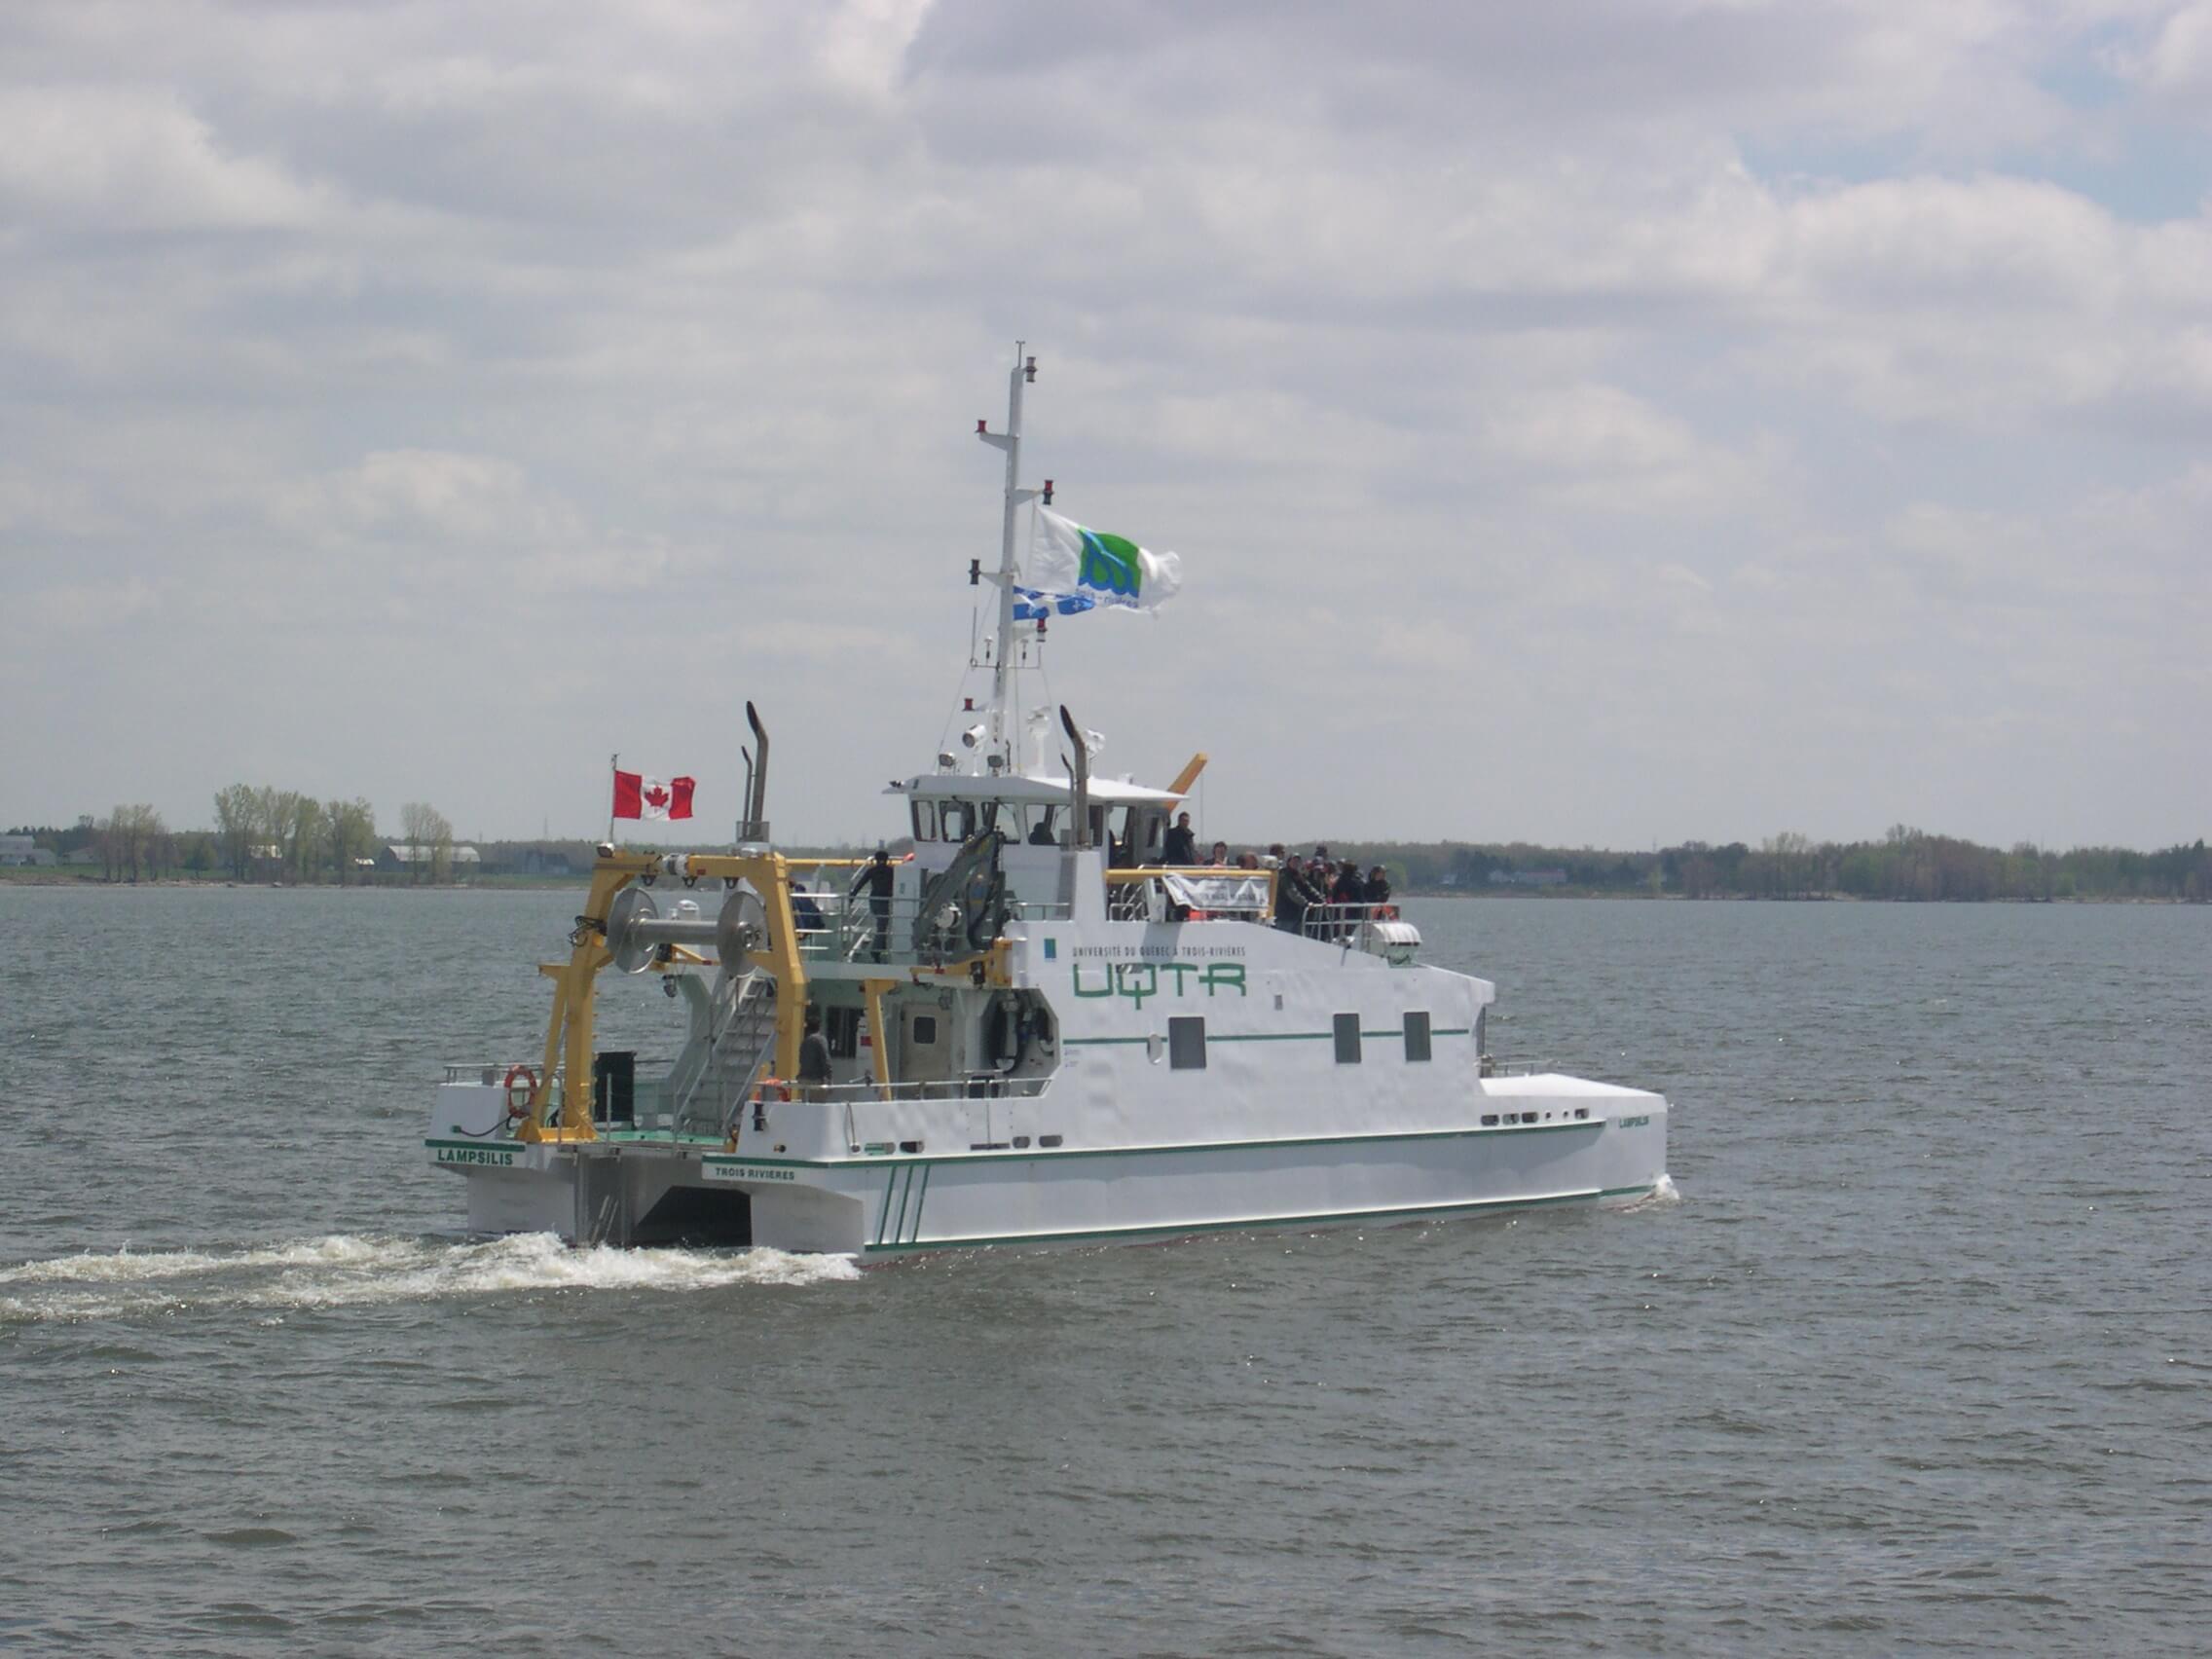 Le navire de recherche Lampsilis de l'UQTR.